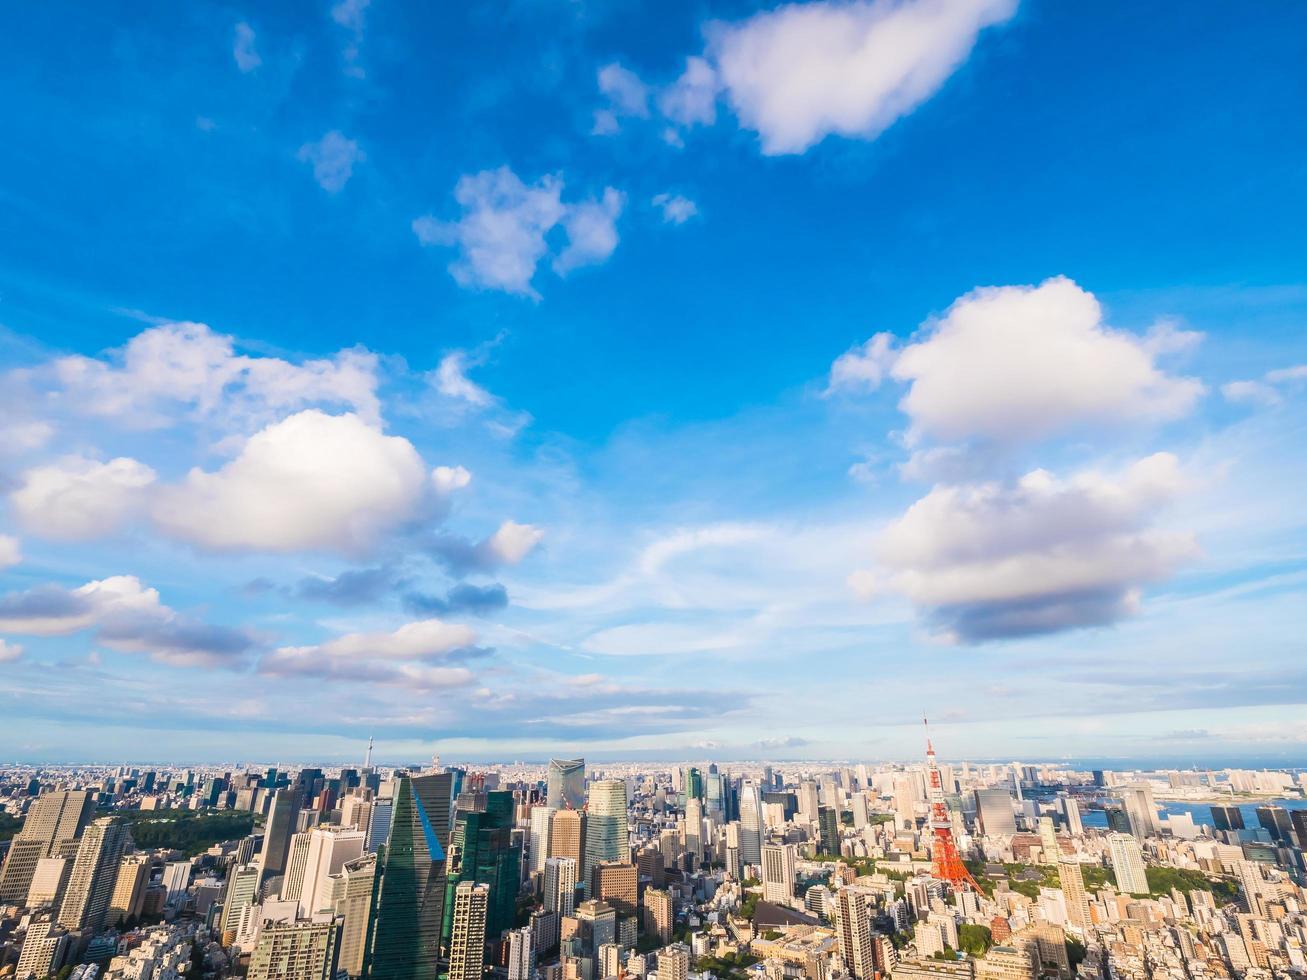 stadsgezicht van de stad van tokyo in japan foto